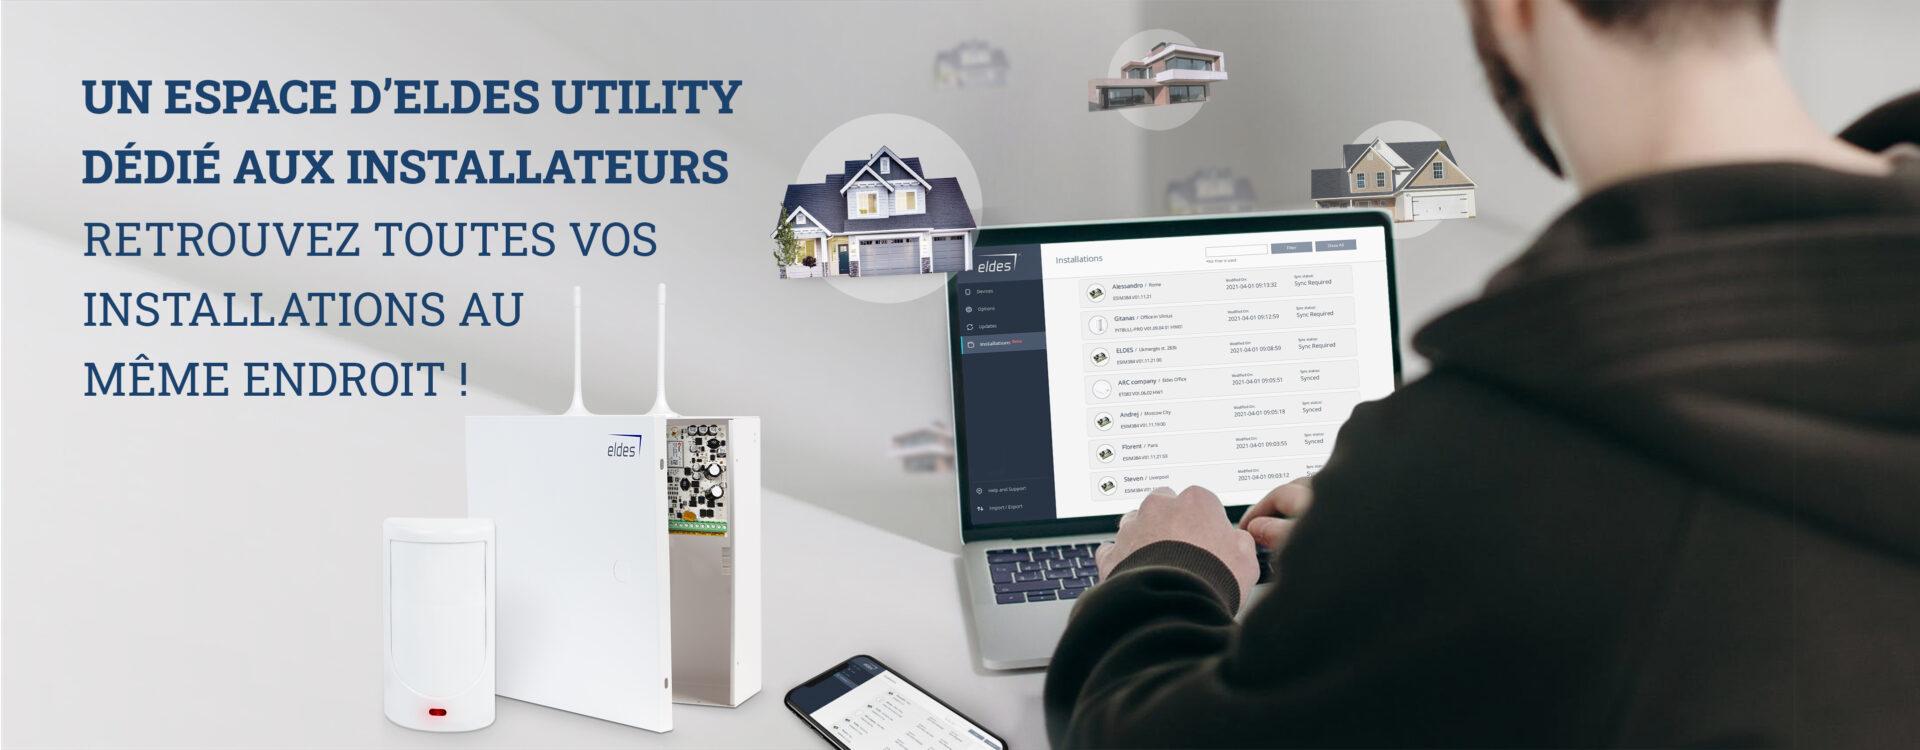 FR_All-Installations-Header